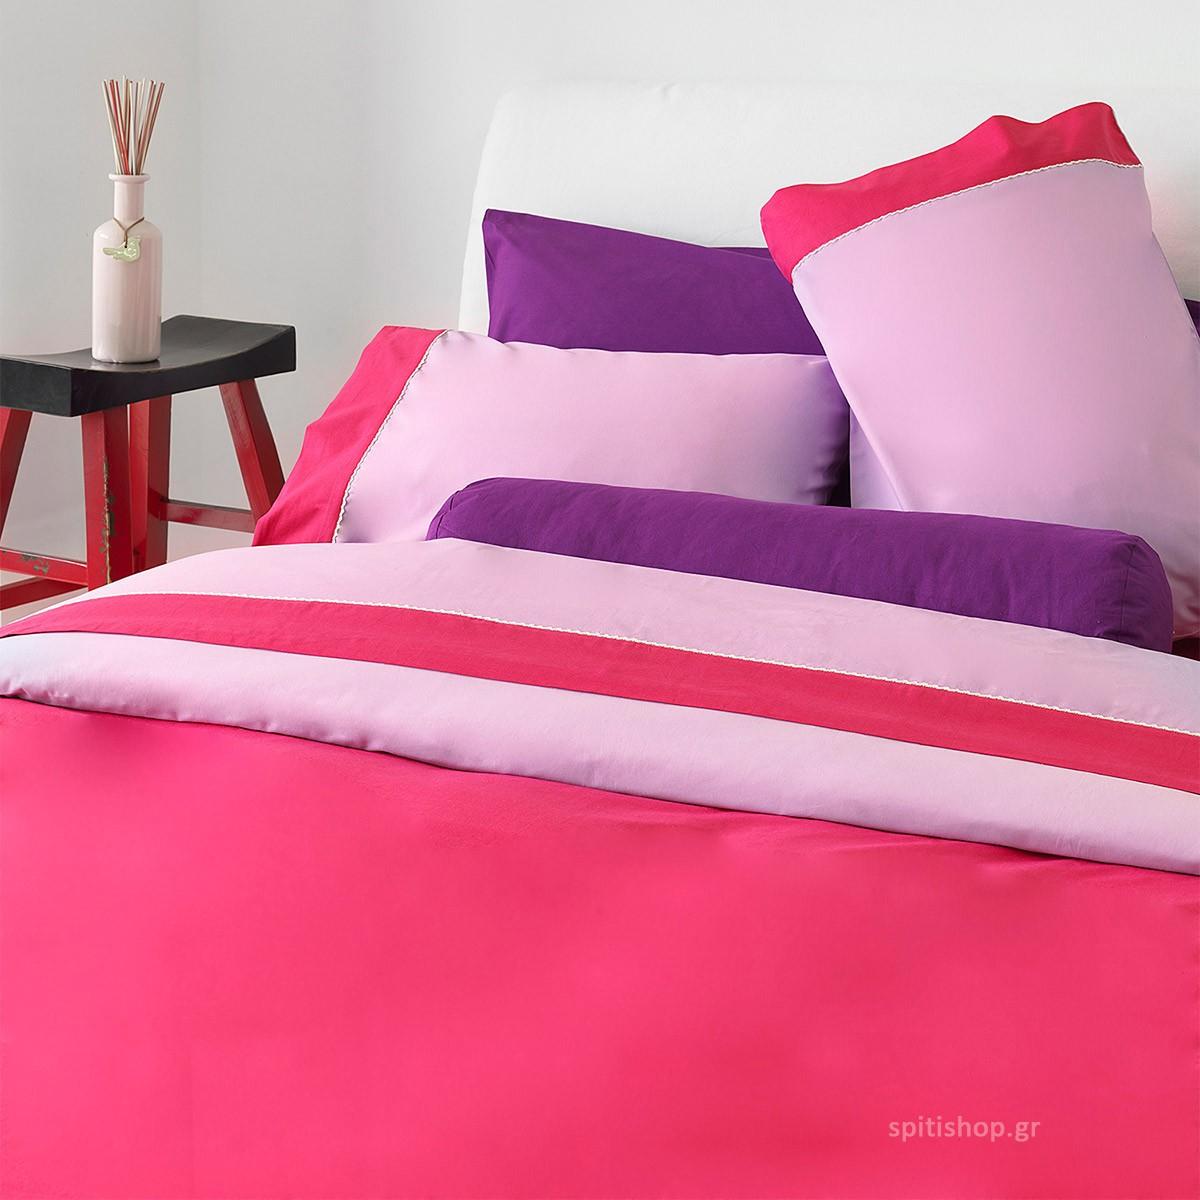 Κουβερλί Υπέρδιπλο Sb Home Simi Lilac